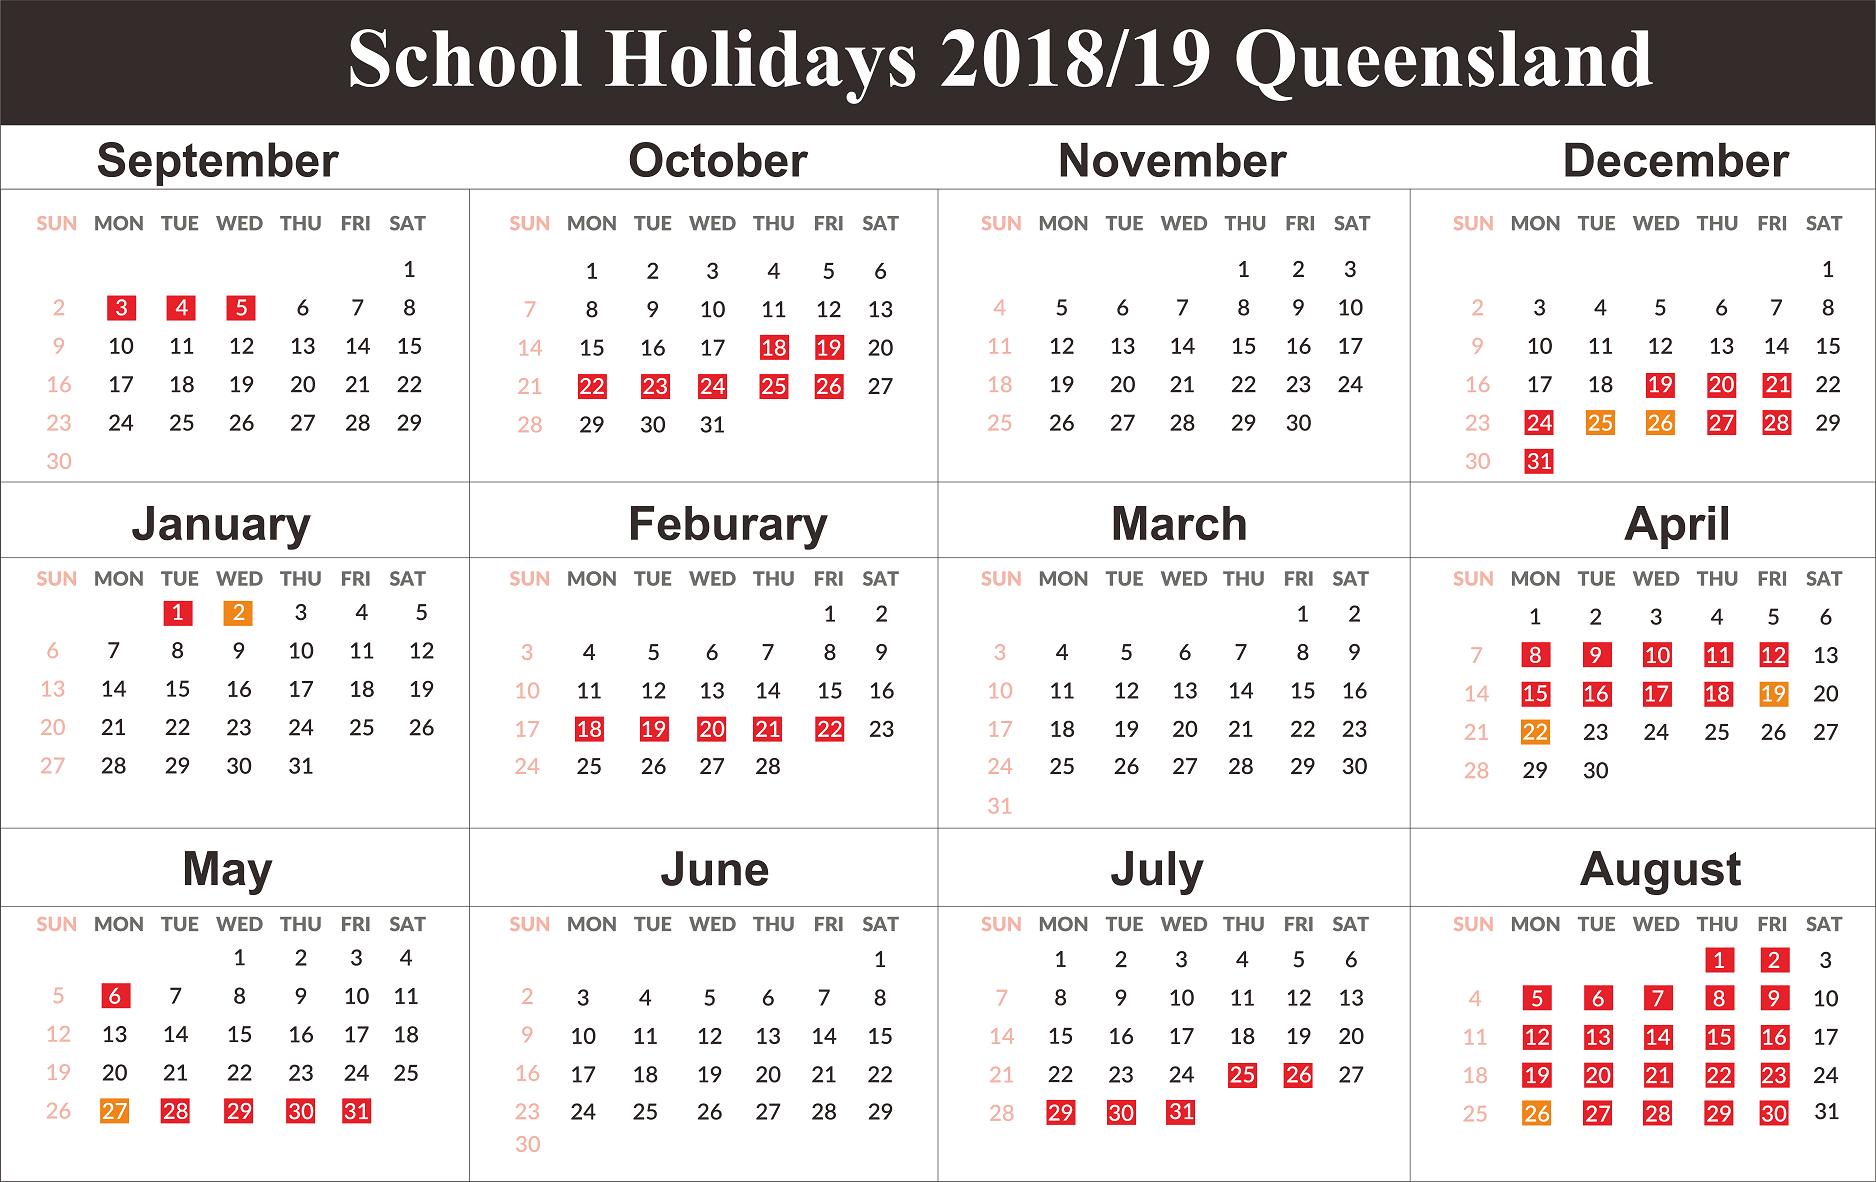 Free Qld (Queensland) School Holidays Calendar 2018 2019 | Free Calendar 2019 Qld School Holidays